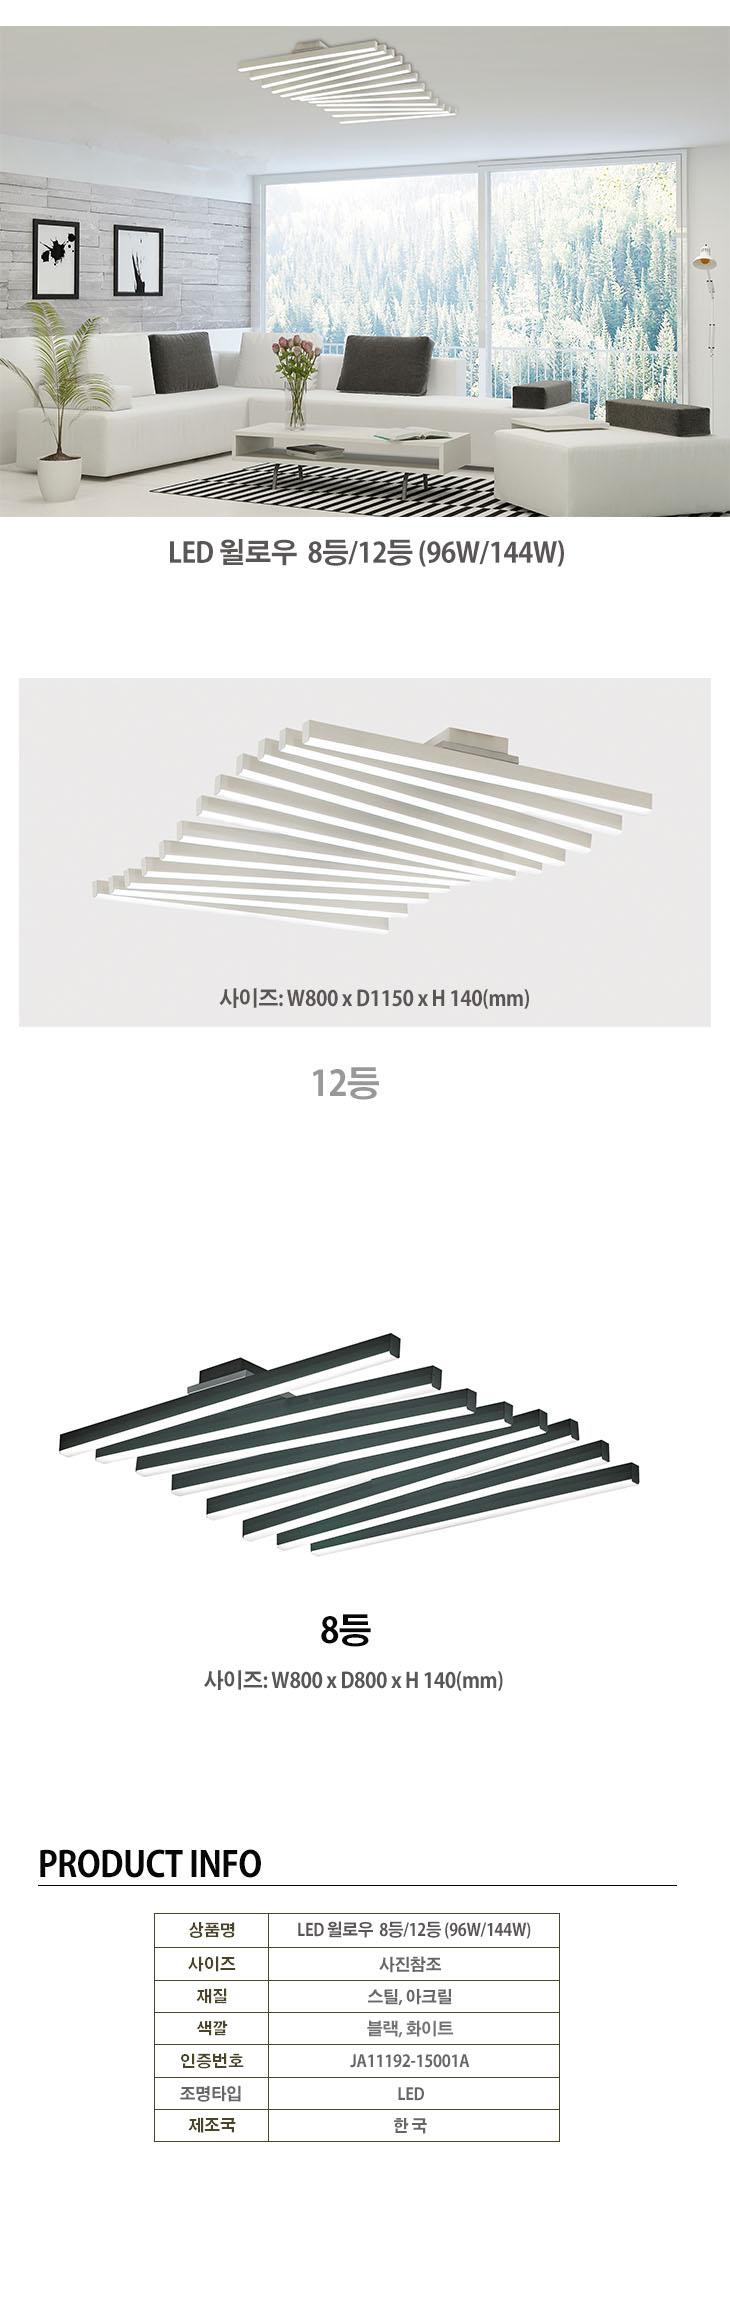 LED 윌로우 8등(96W) - 하우스코디, 1,094,000원, 디자인조명, 팬던트조명